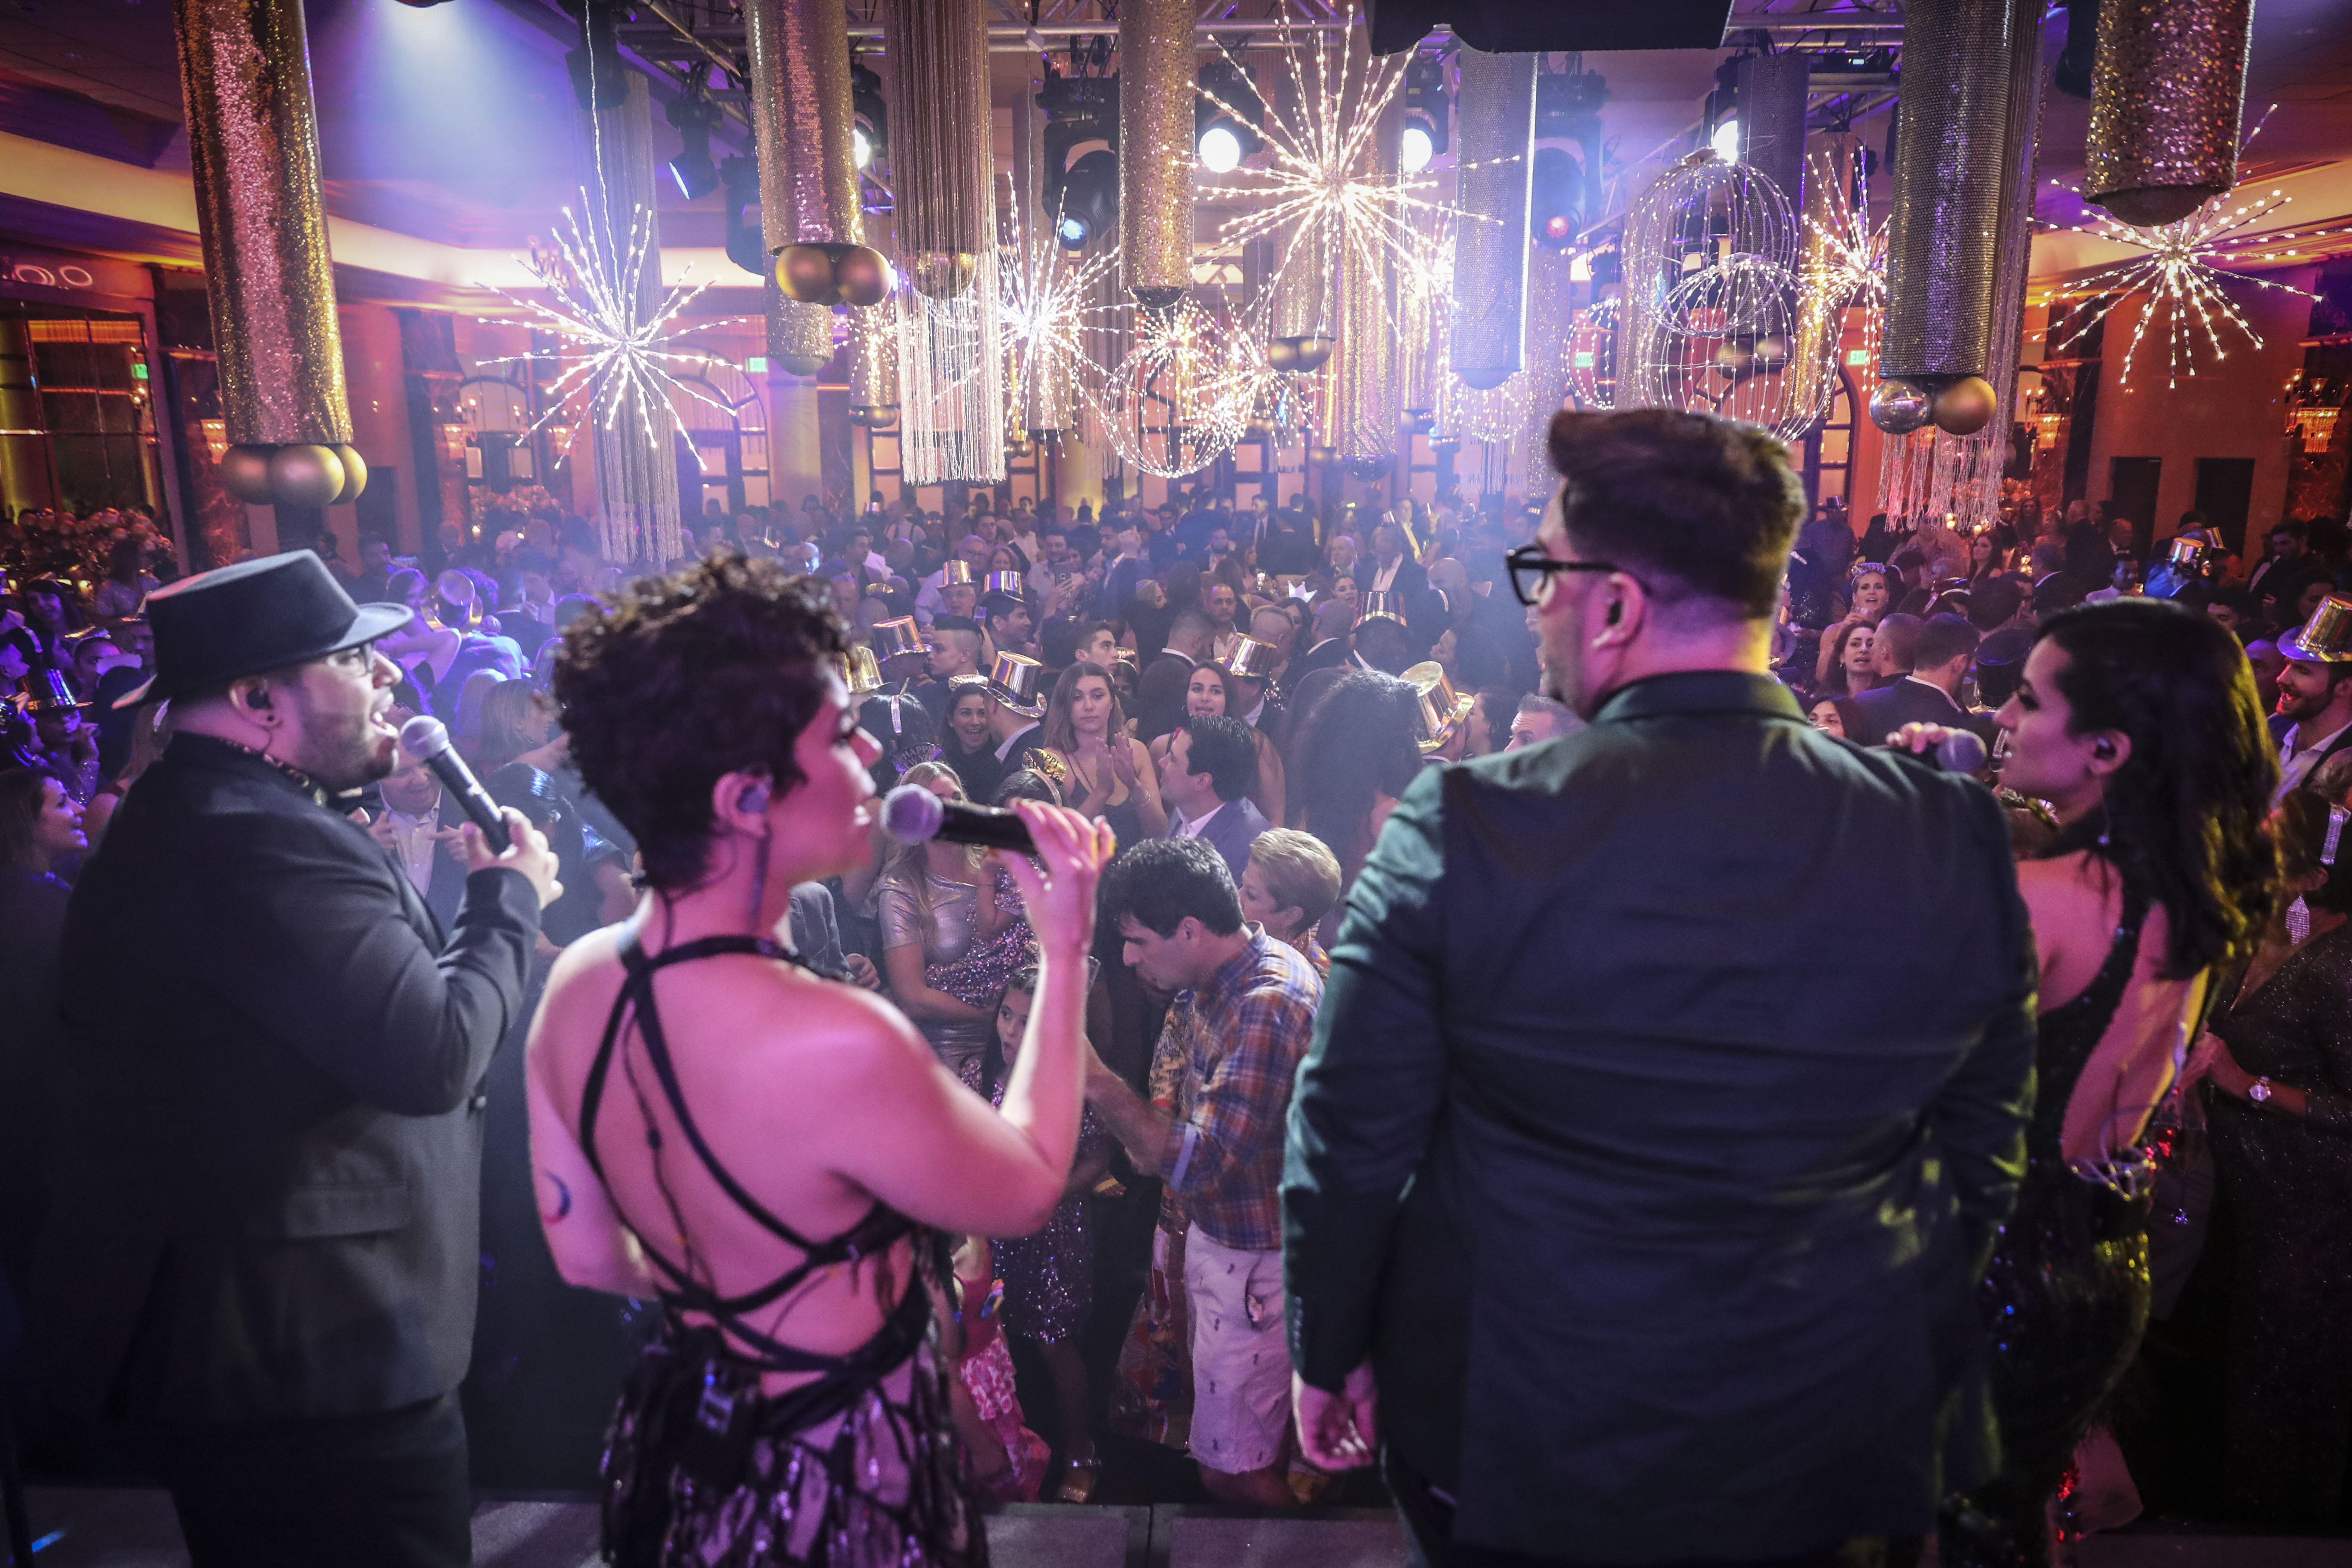 La fiesta contó con el entretenimiento musical de José Nelson y su Cuenta Regresiva All Star Band y DJ Gulembo. (Suministrada)